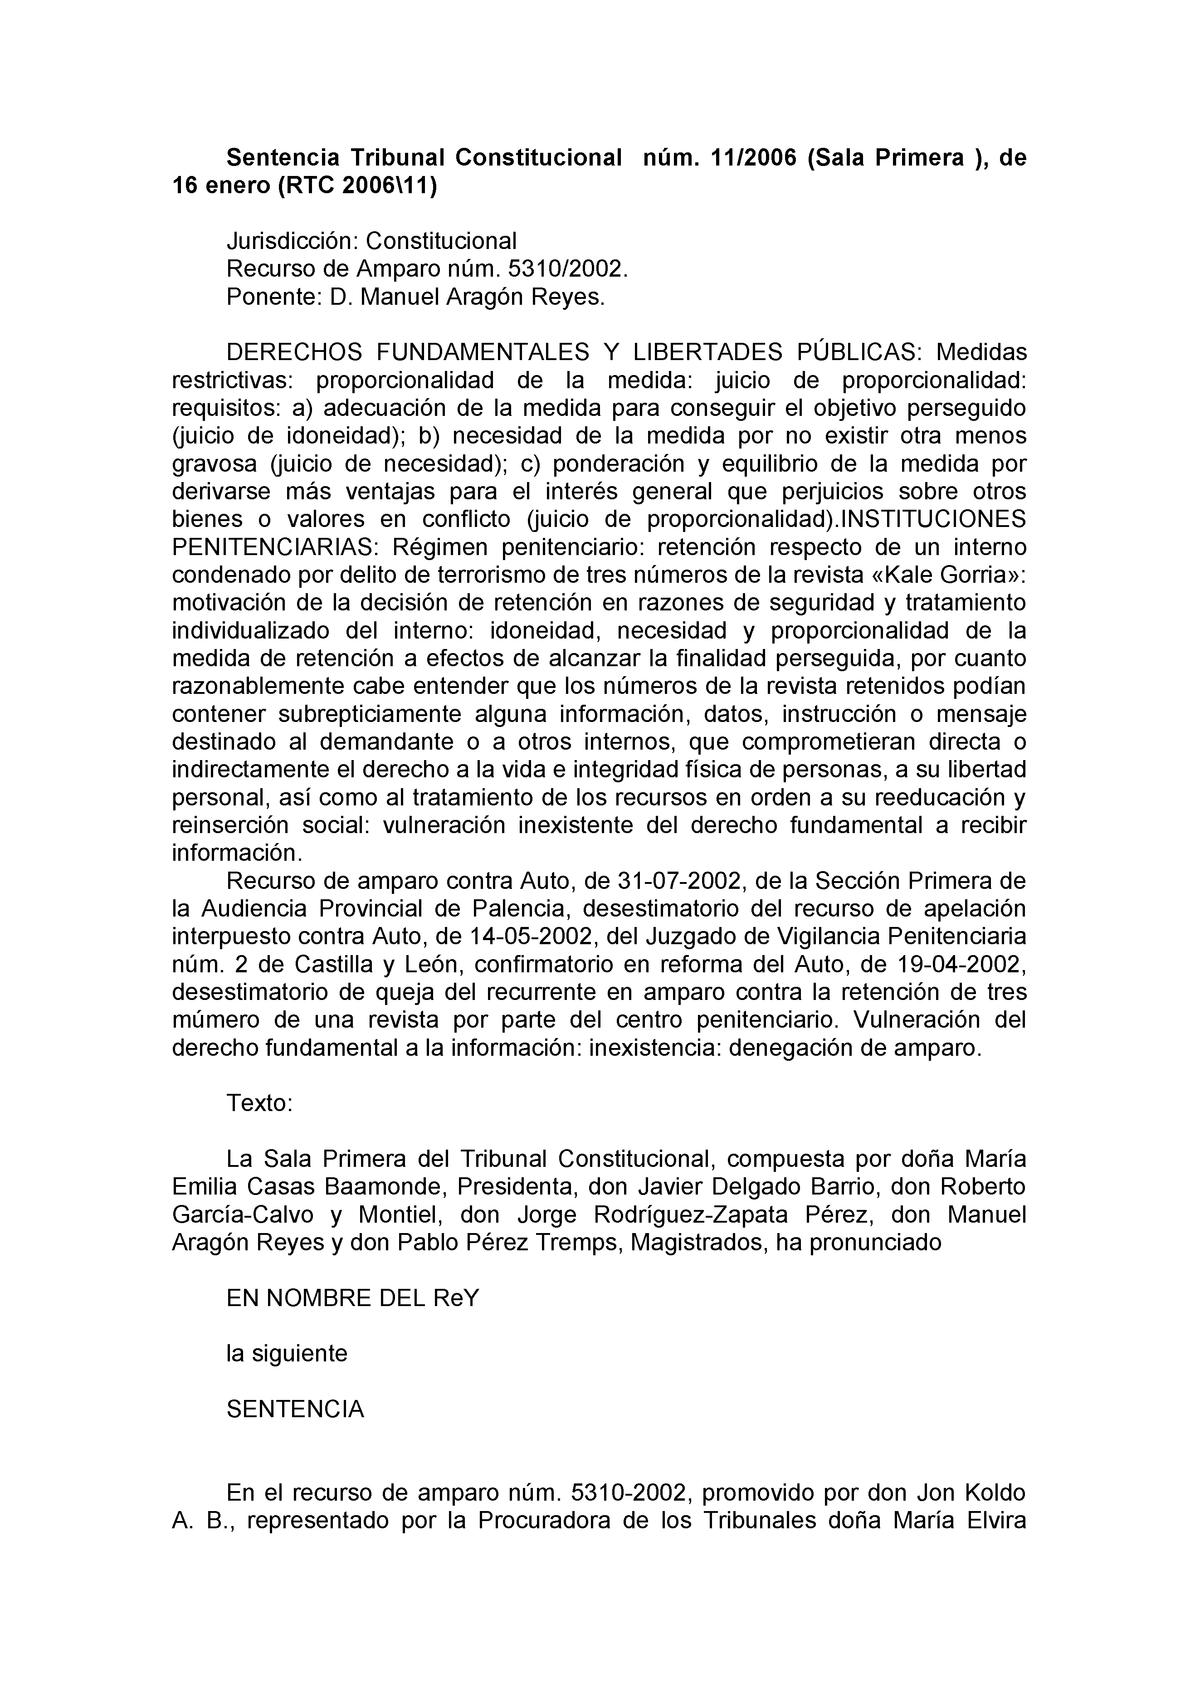 Rtc Fundamentales 200611 Libertades Studocu Derechos Y vm8NwOn0